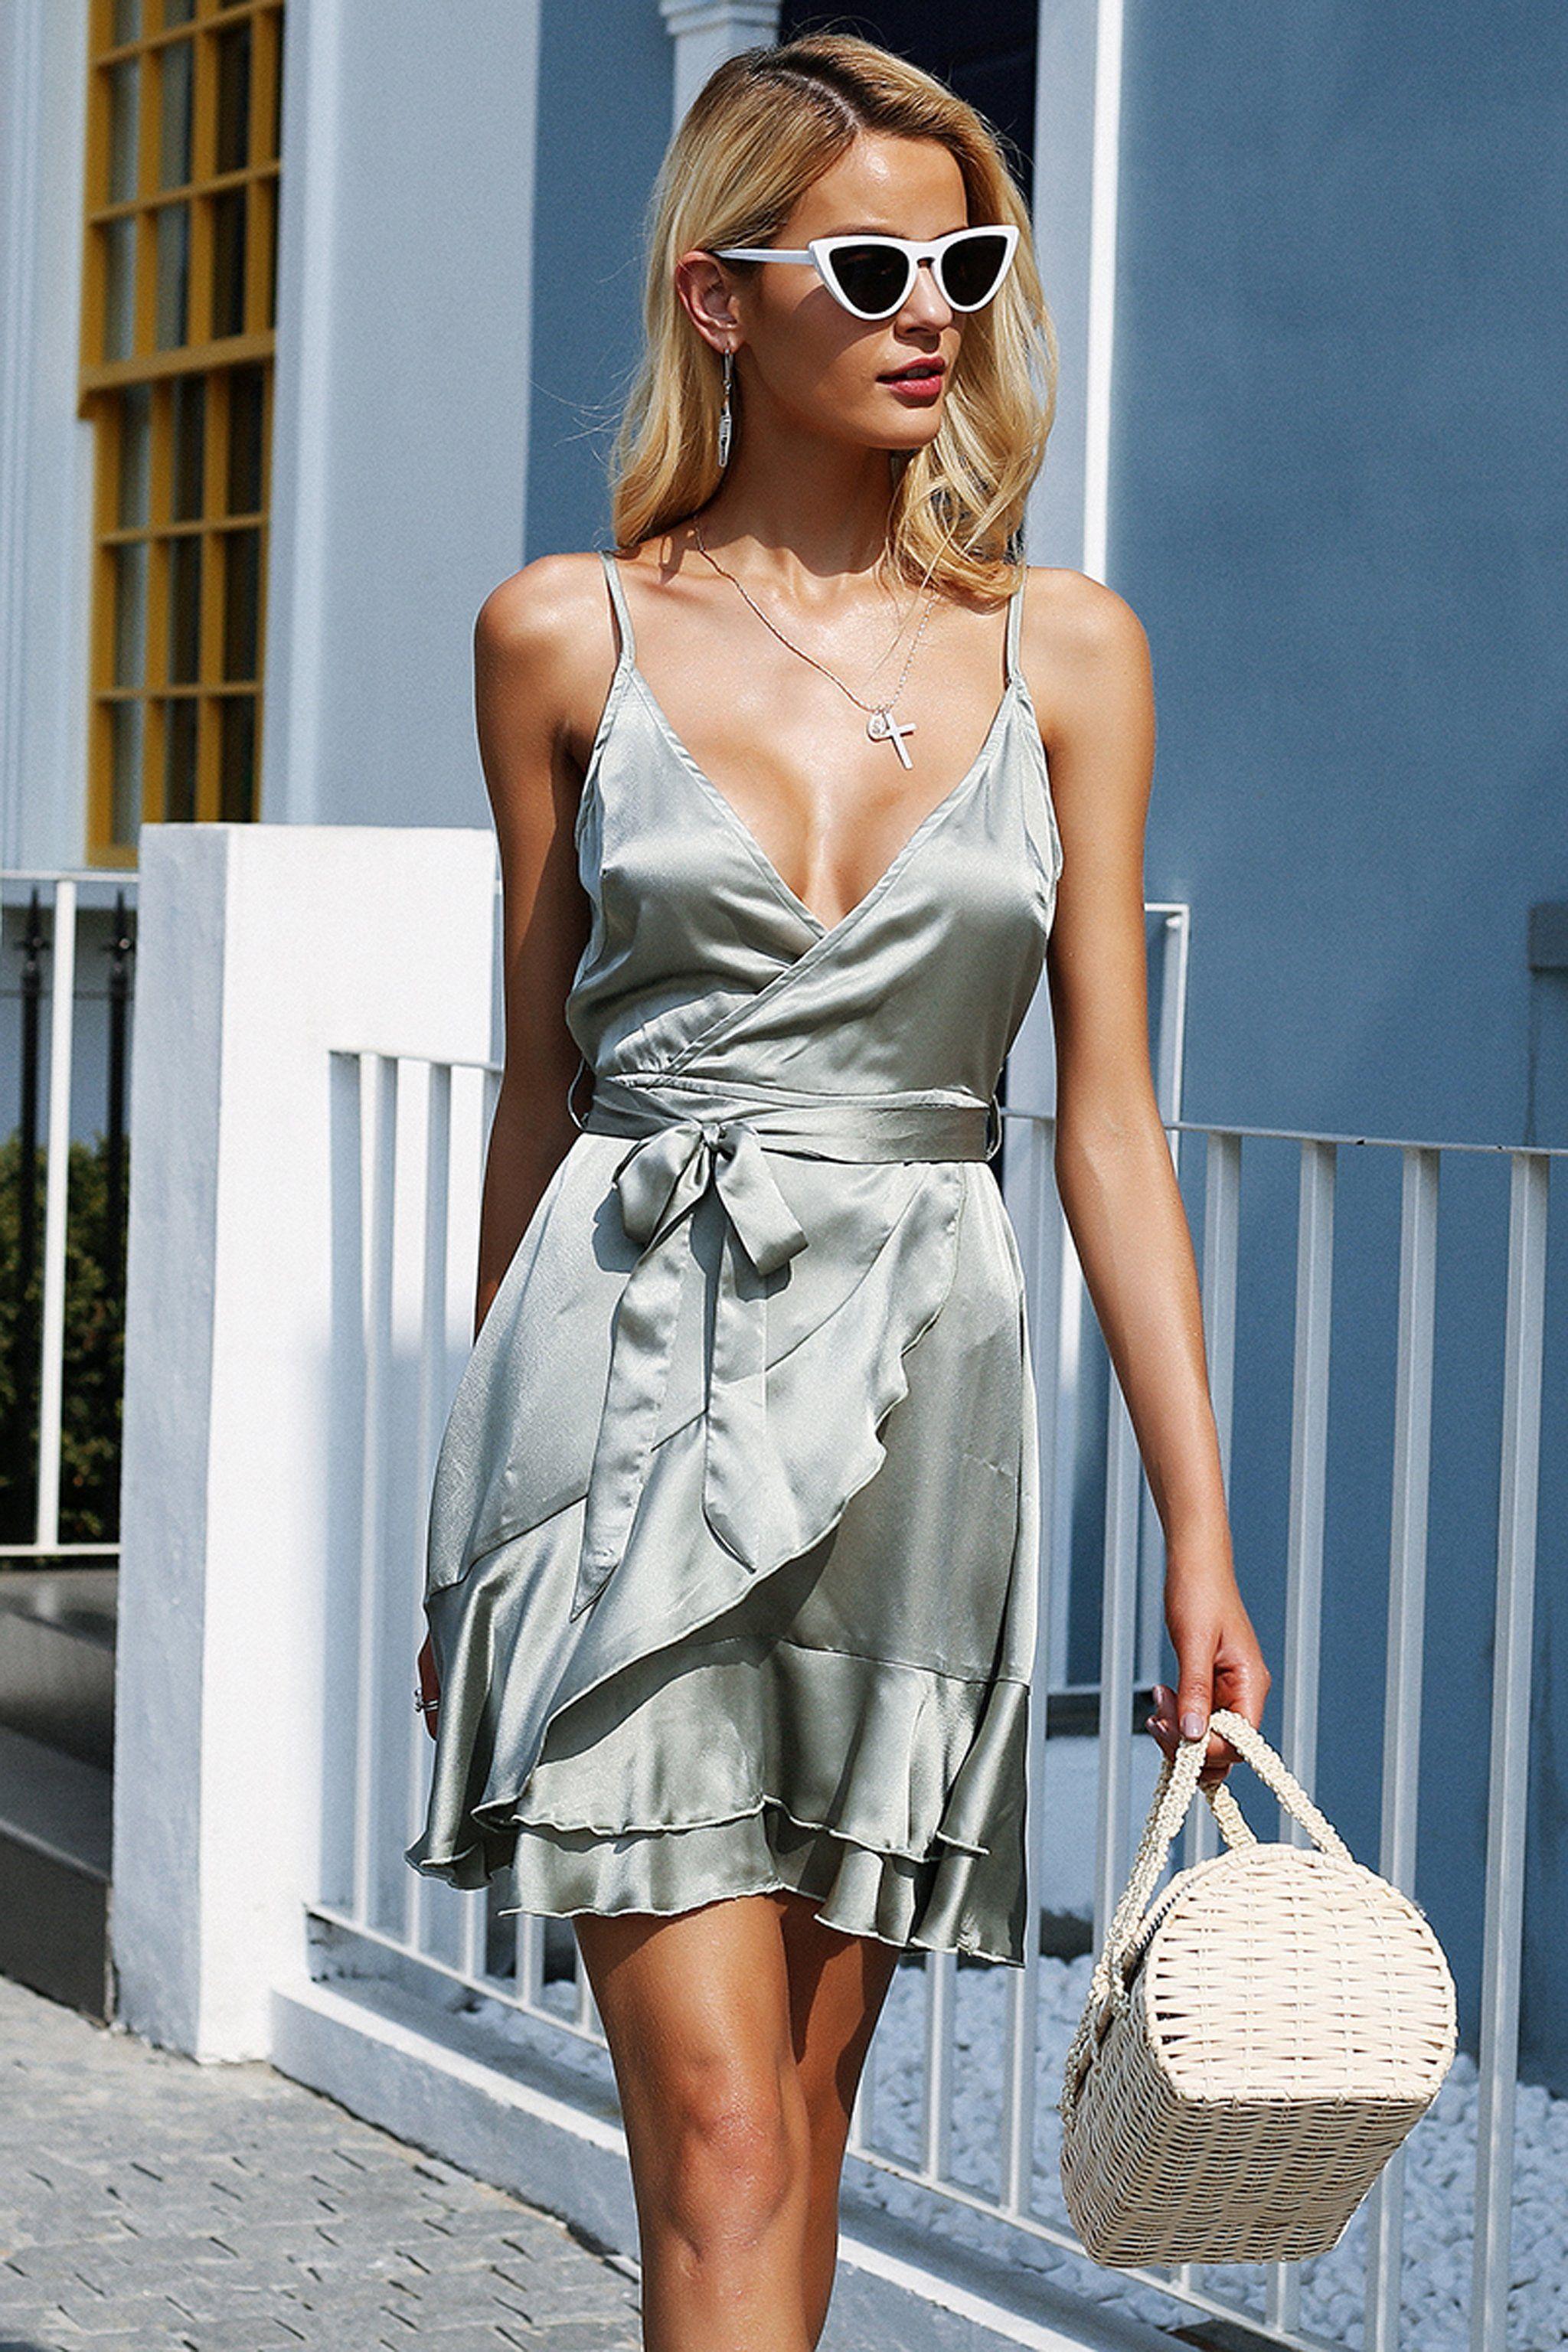 8fd64e61088 Elegant Summer Dresses Outfit Ideas for Women - Romantic Satin Ruffle Mini  Dress in Grey for Valentines Day Date Idea - elegantes ideas de atuendo de  verano ...